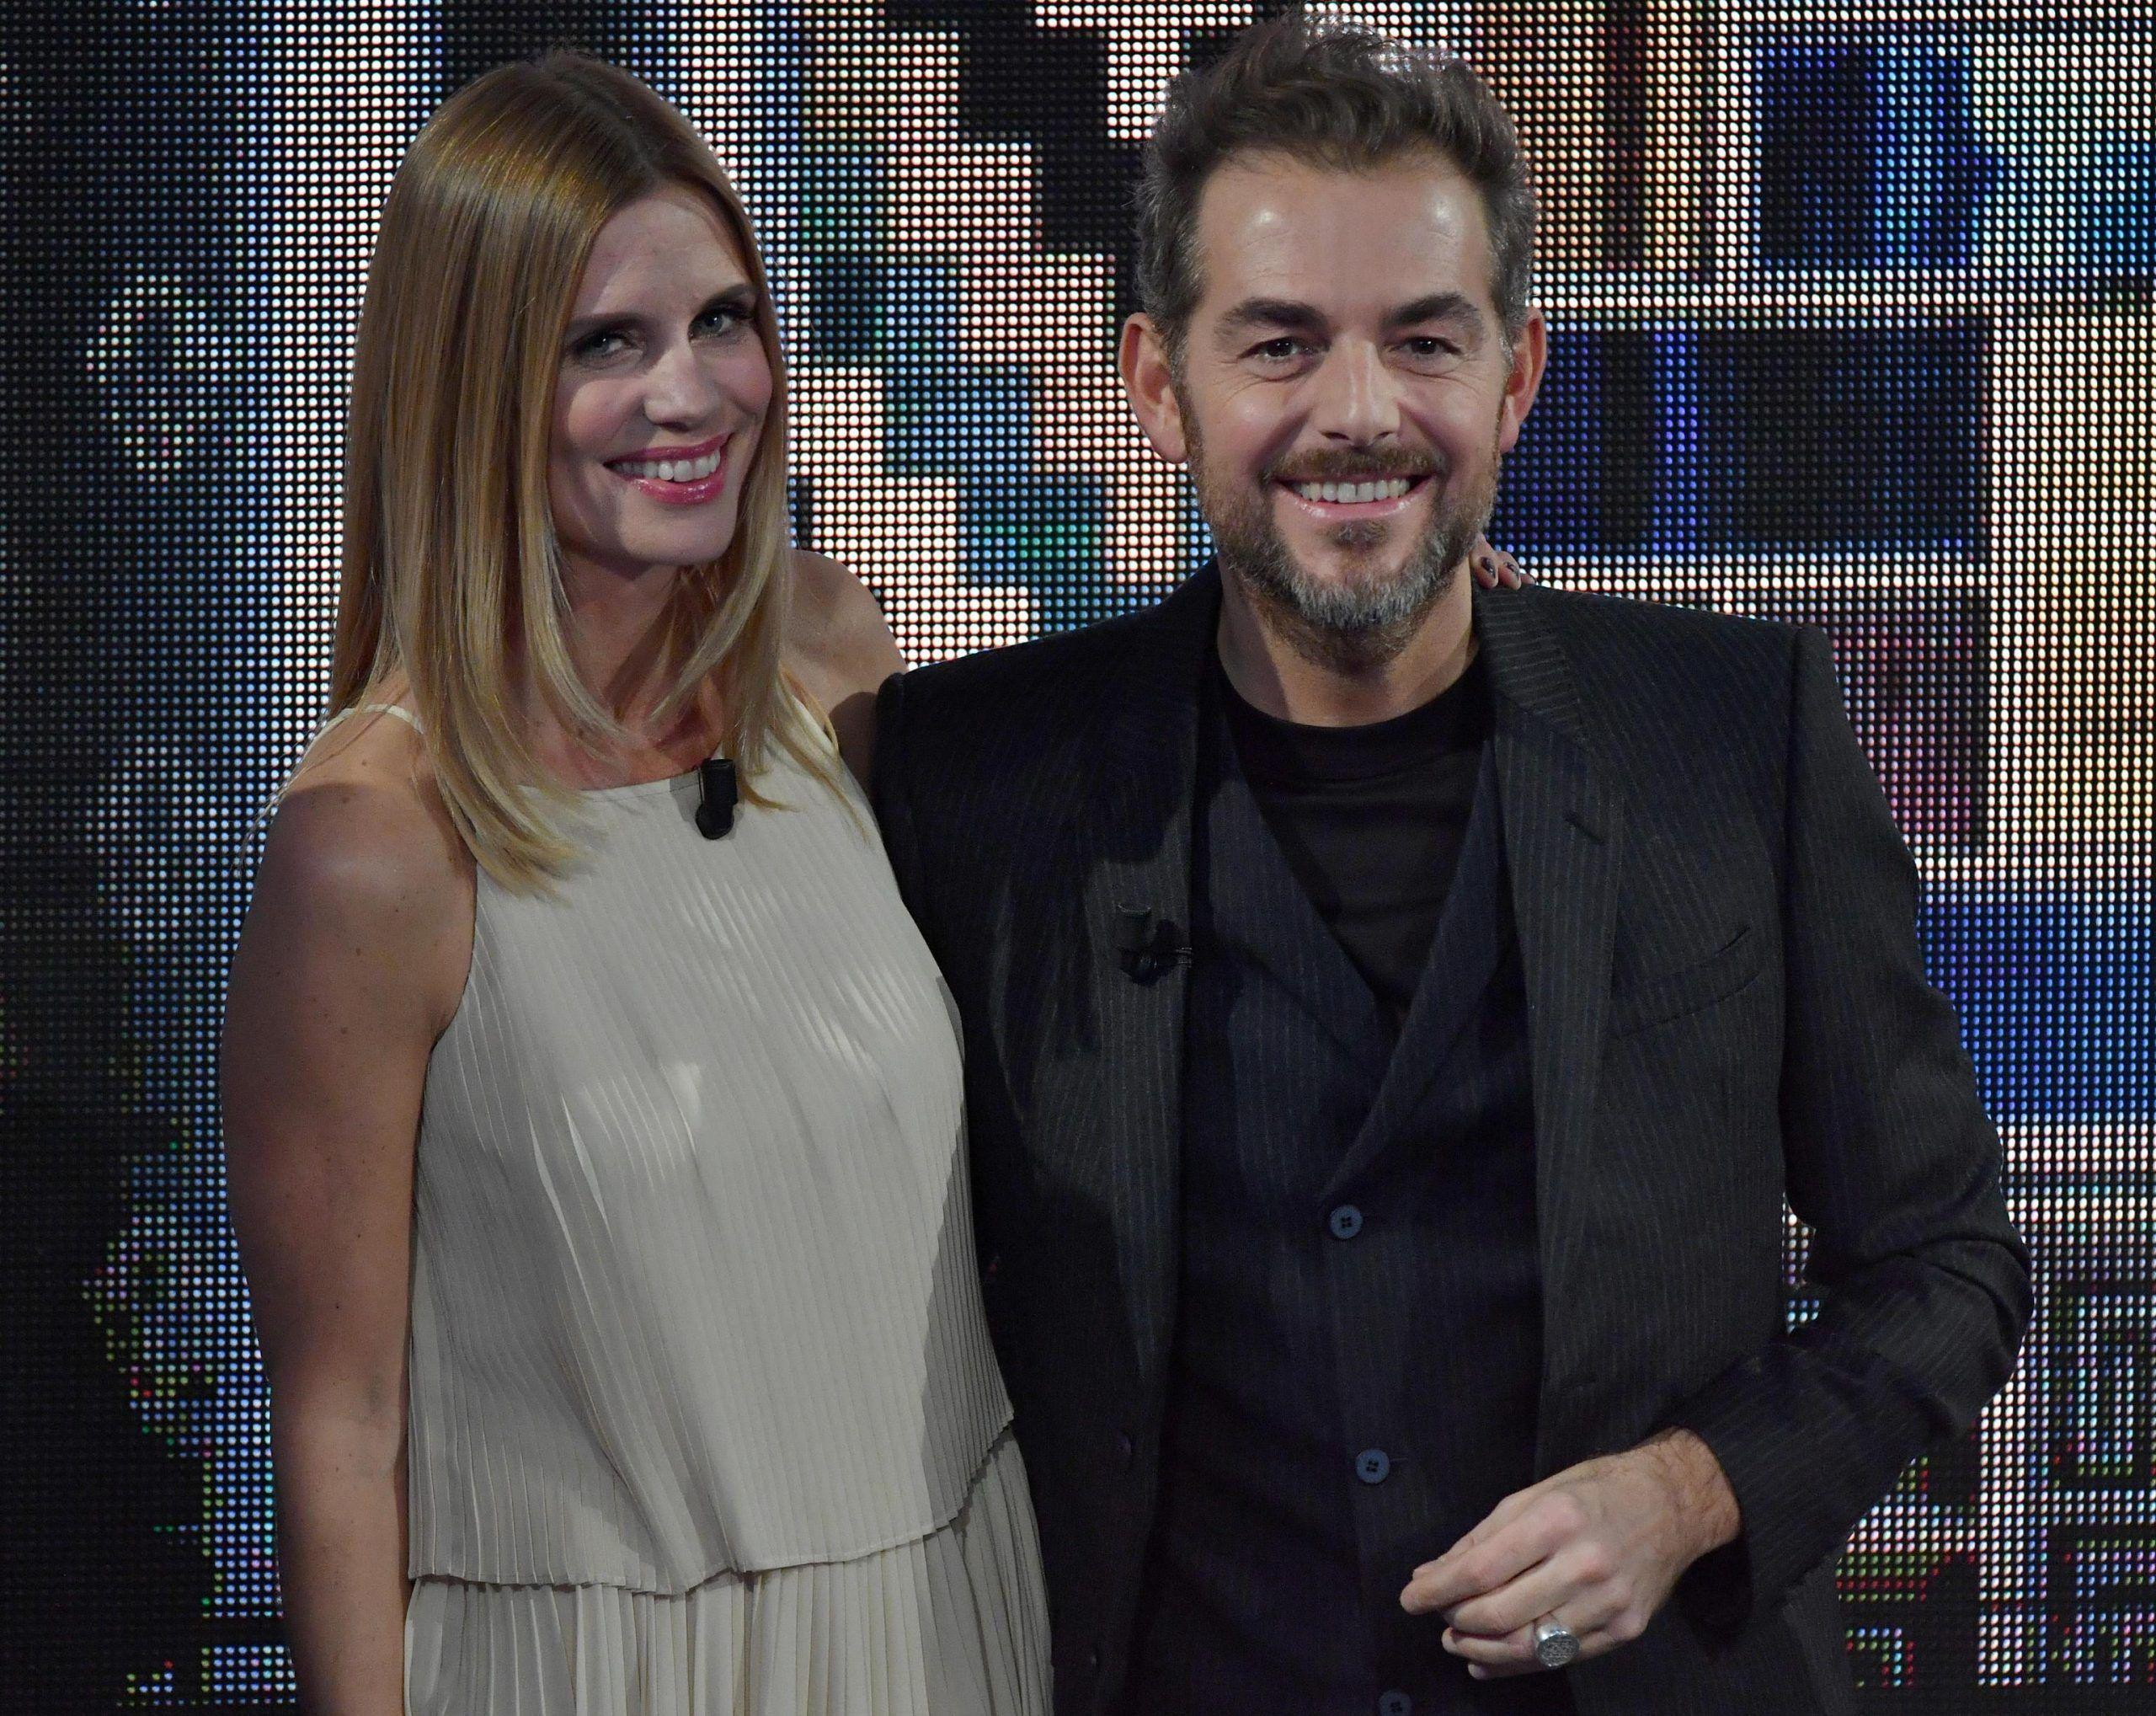 Daniele Bossari e Filippa Lagerback si sposano l'1 giugno 2018